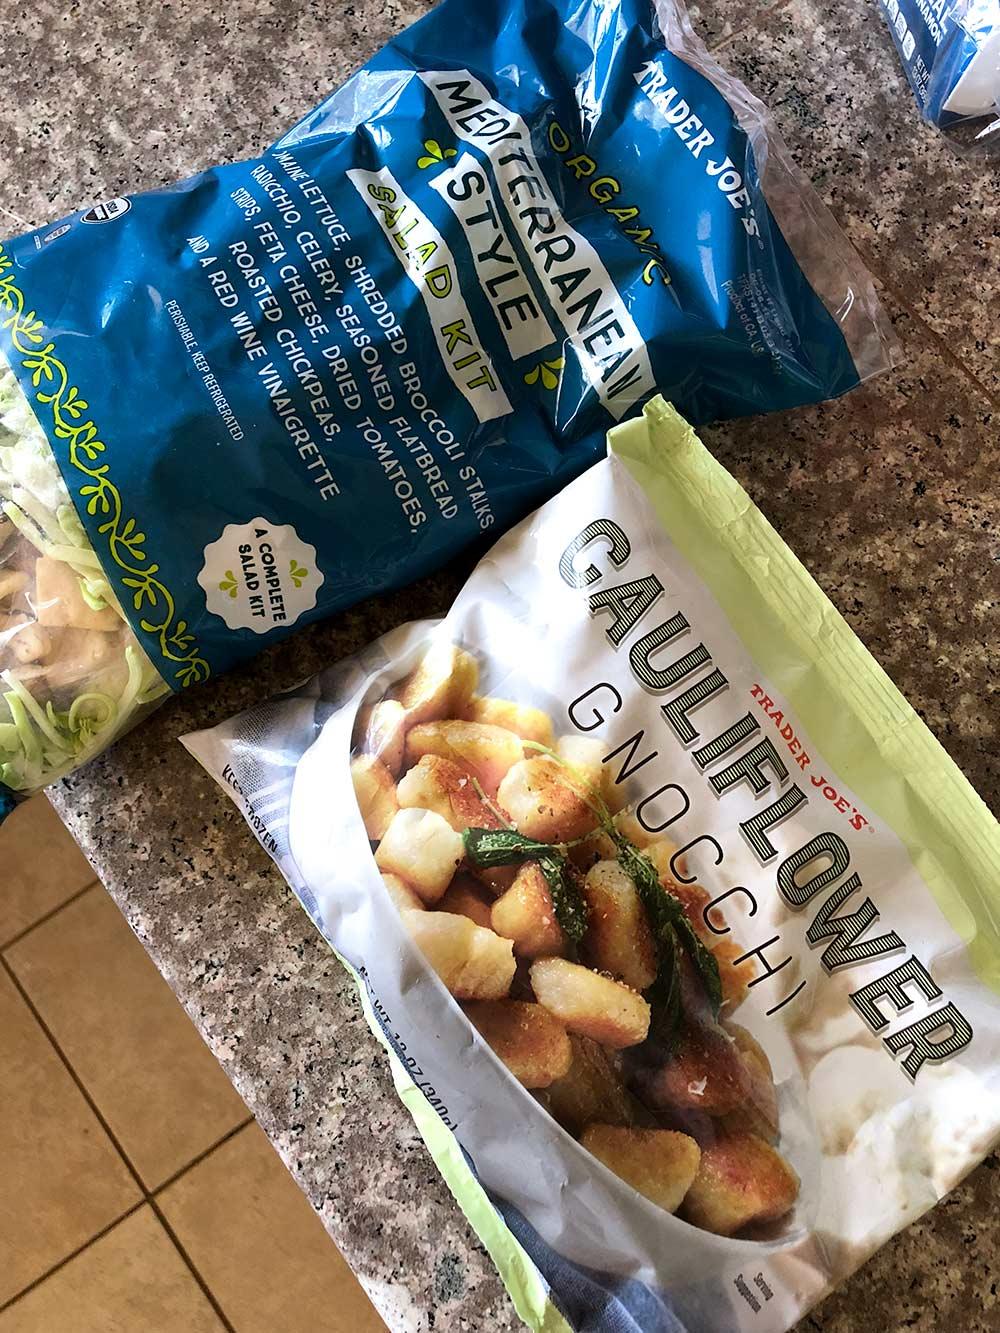 trader joes cauliflower gnocchi and mediterranean style salad kit